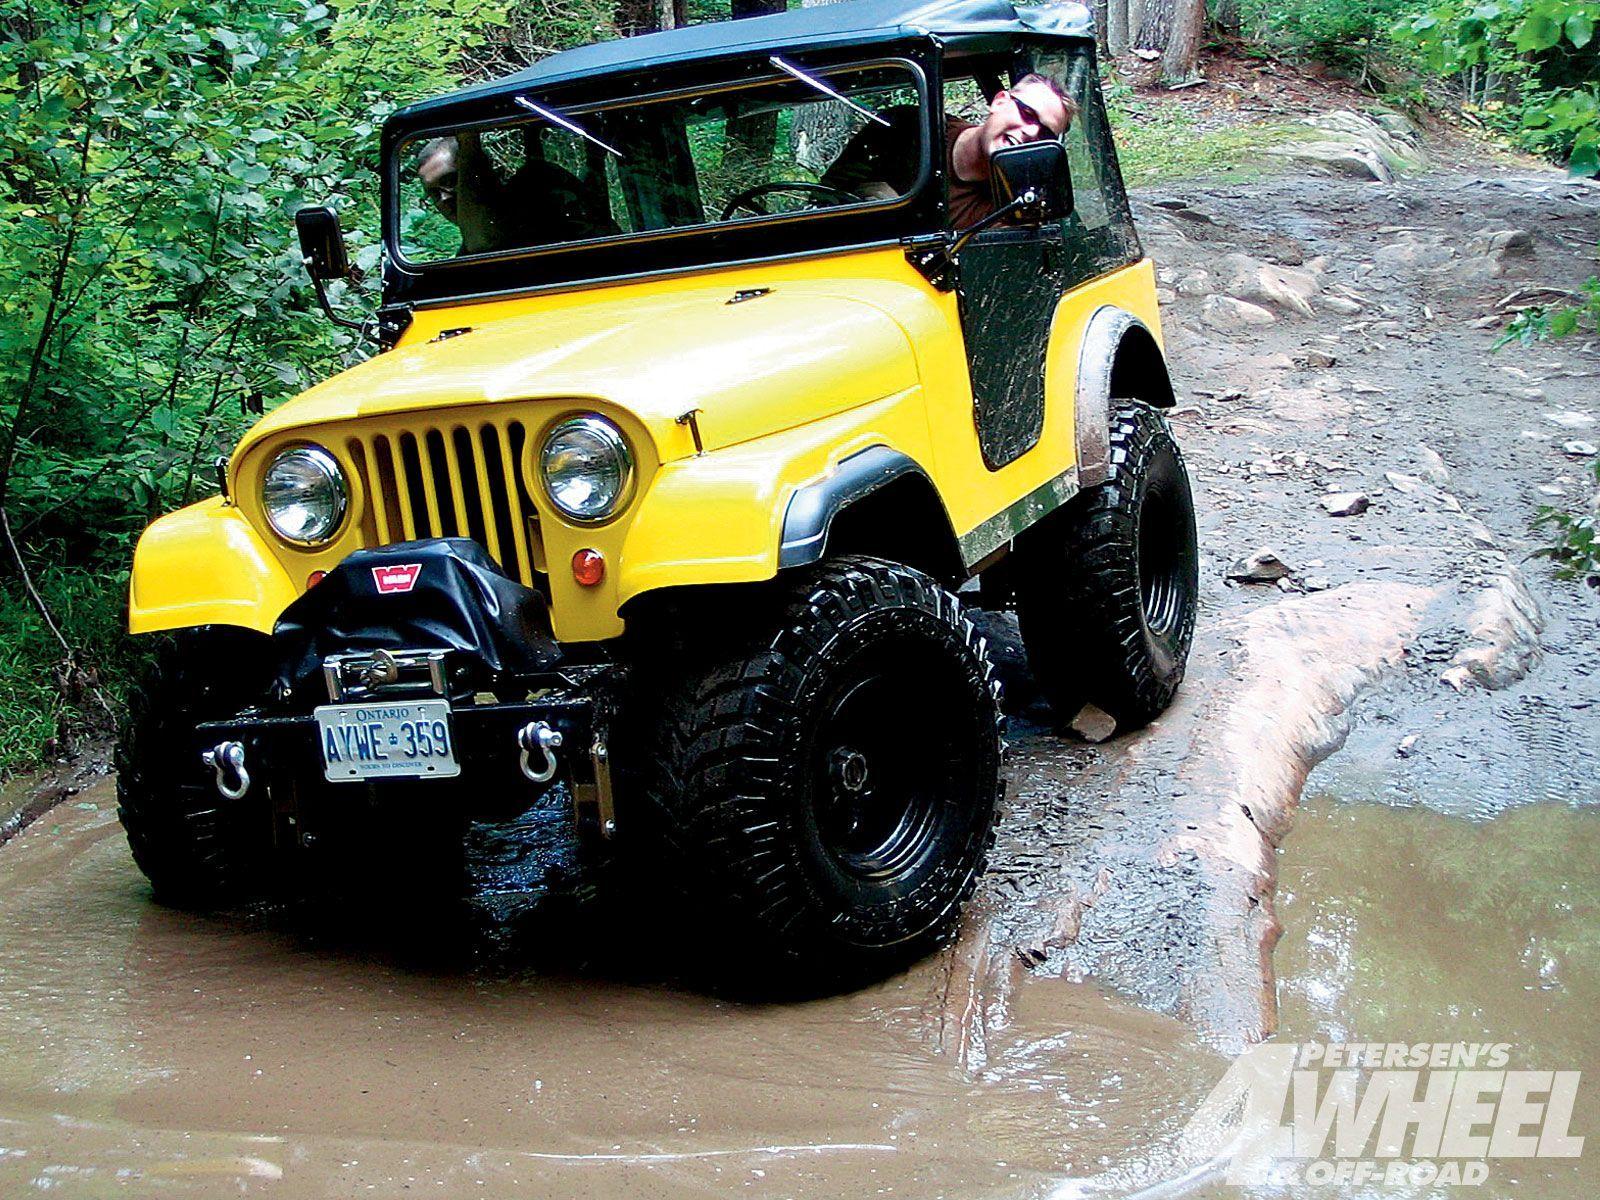 Cj5 Girl Hd Wallpapers Jeeplife Pinterest Jeep Jeep Cj And